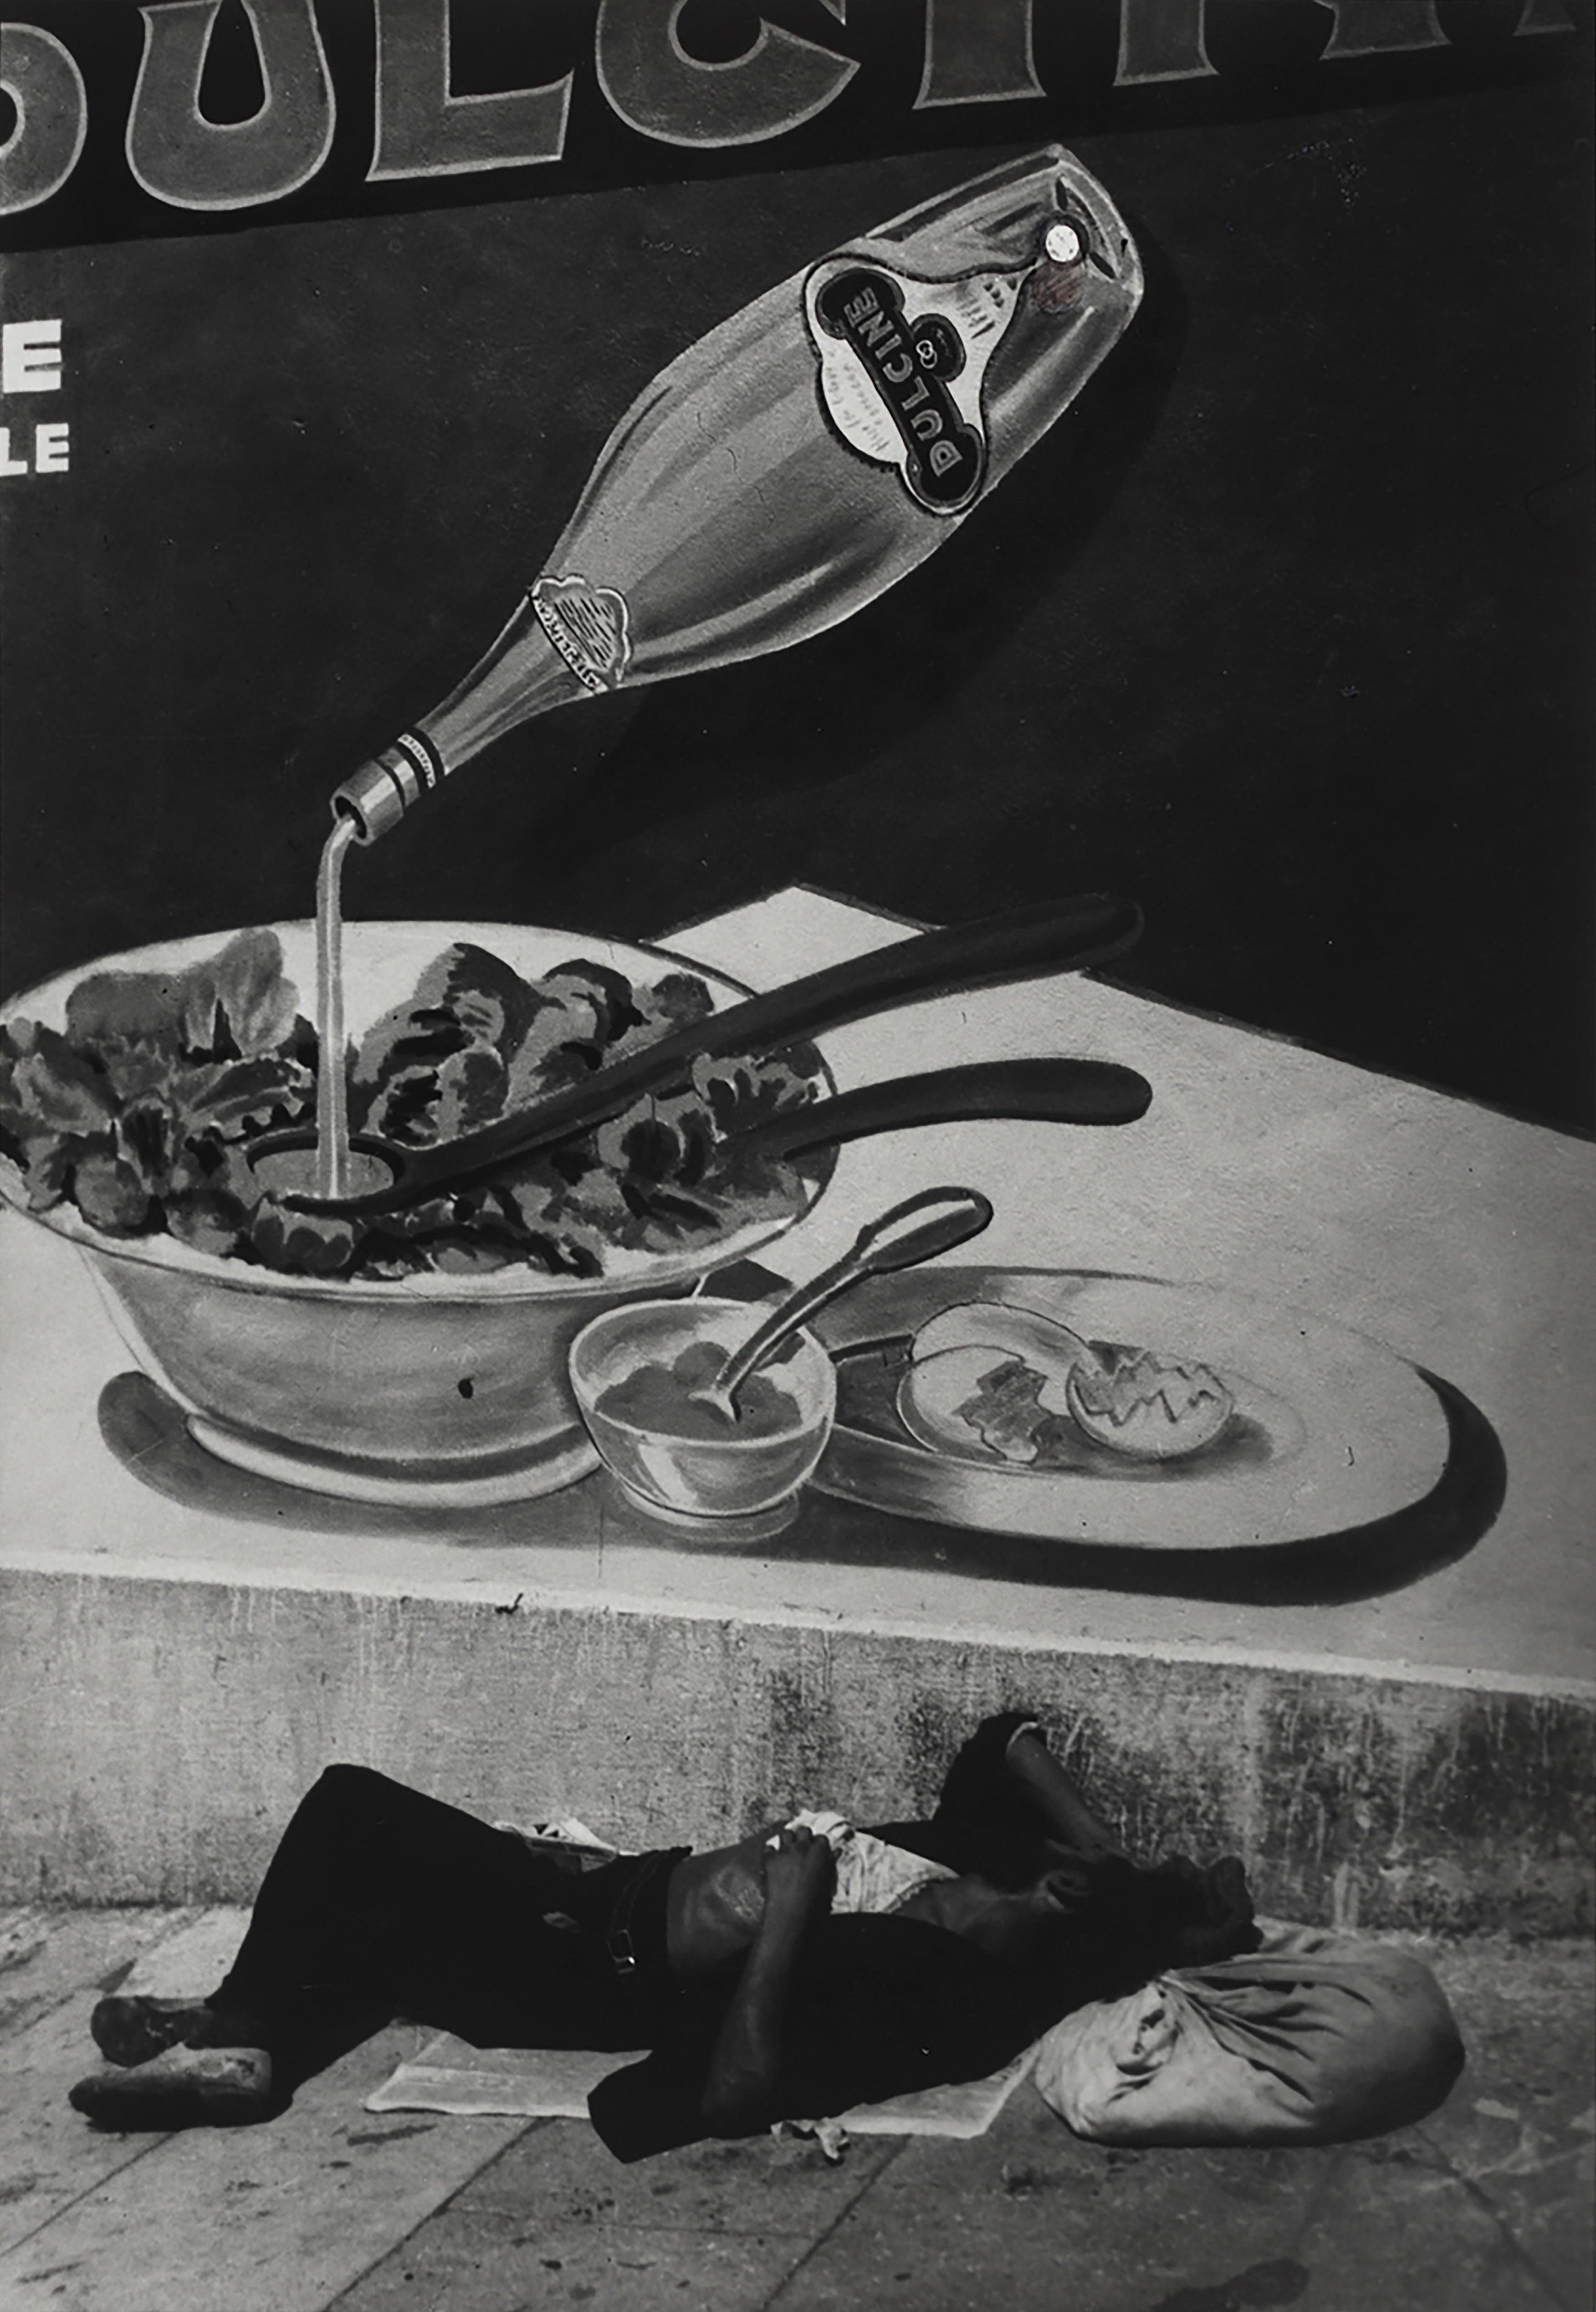 Спящий бродяга в Марселе, 1937. Фотограф Брассаи